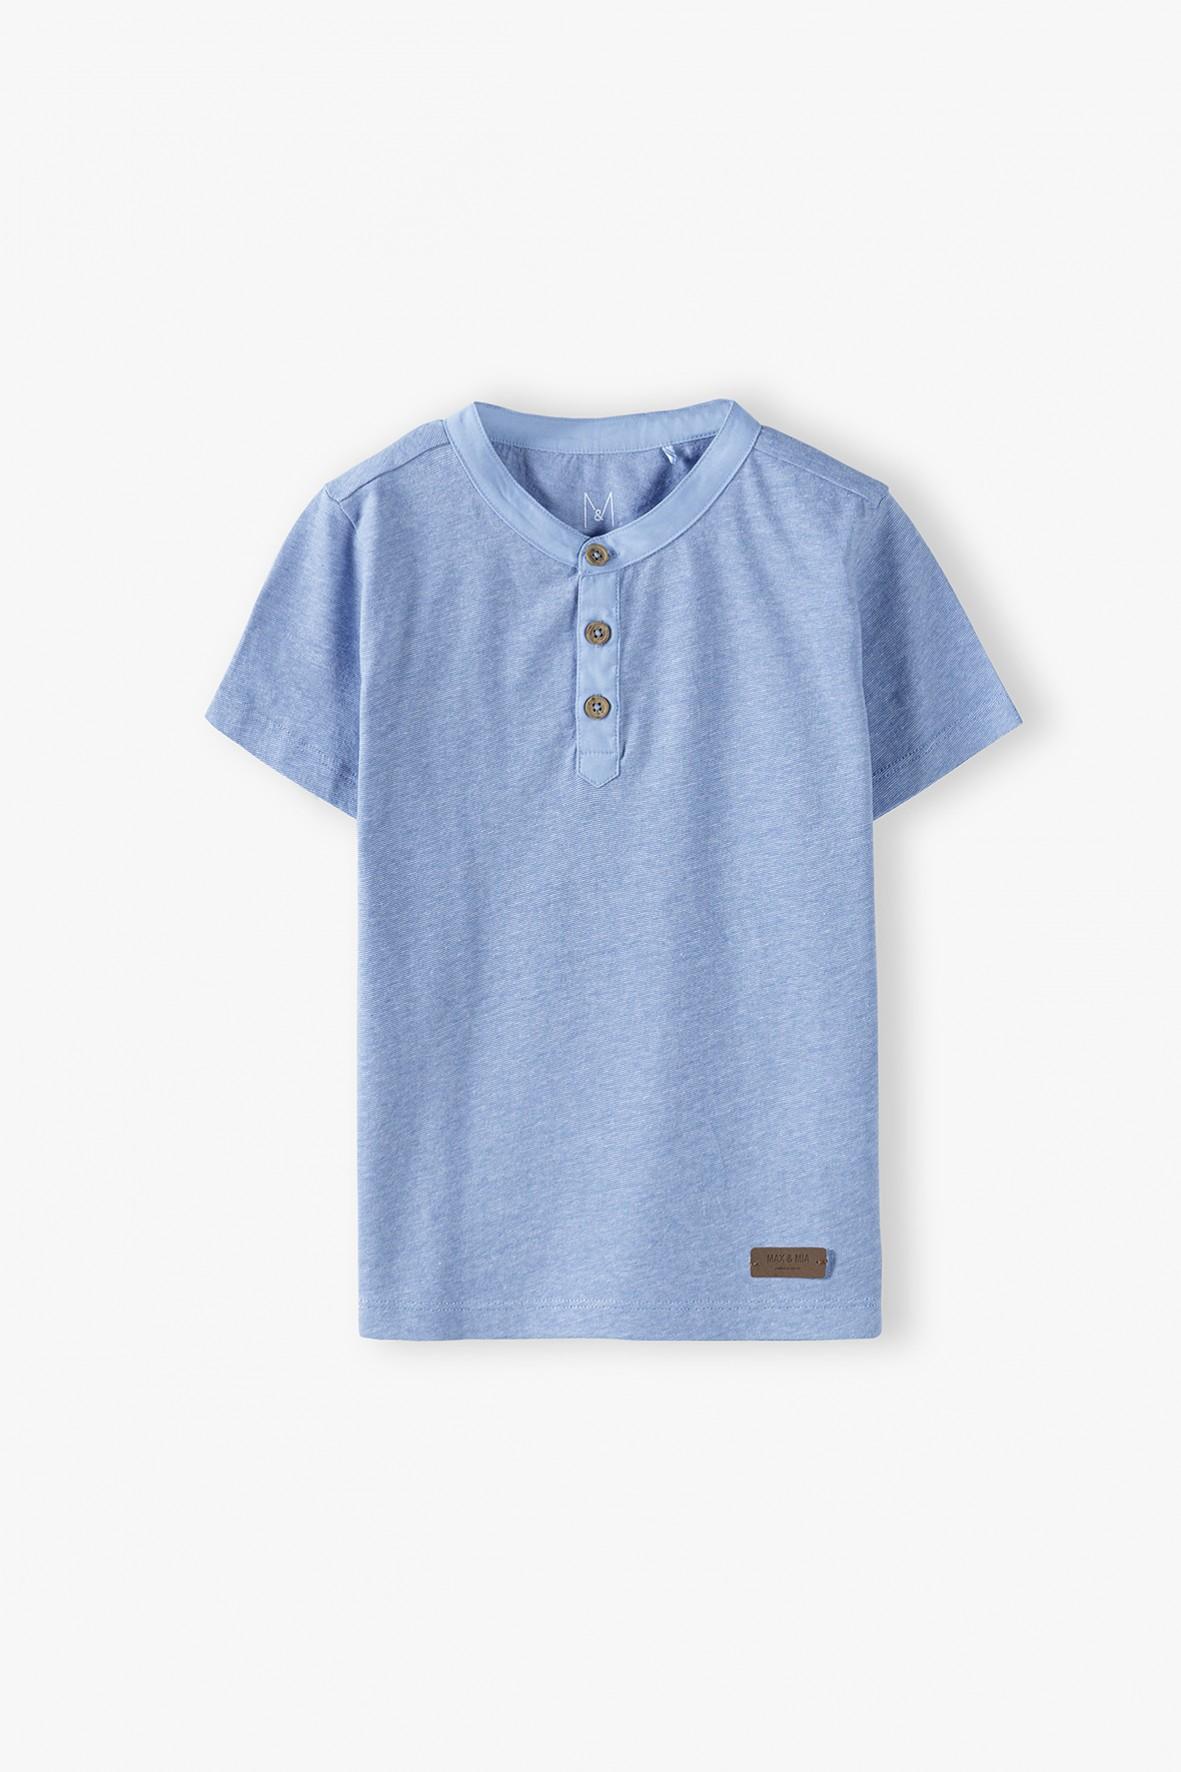 Bawełniany t-shirt chłopięcy niebieski